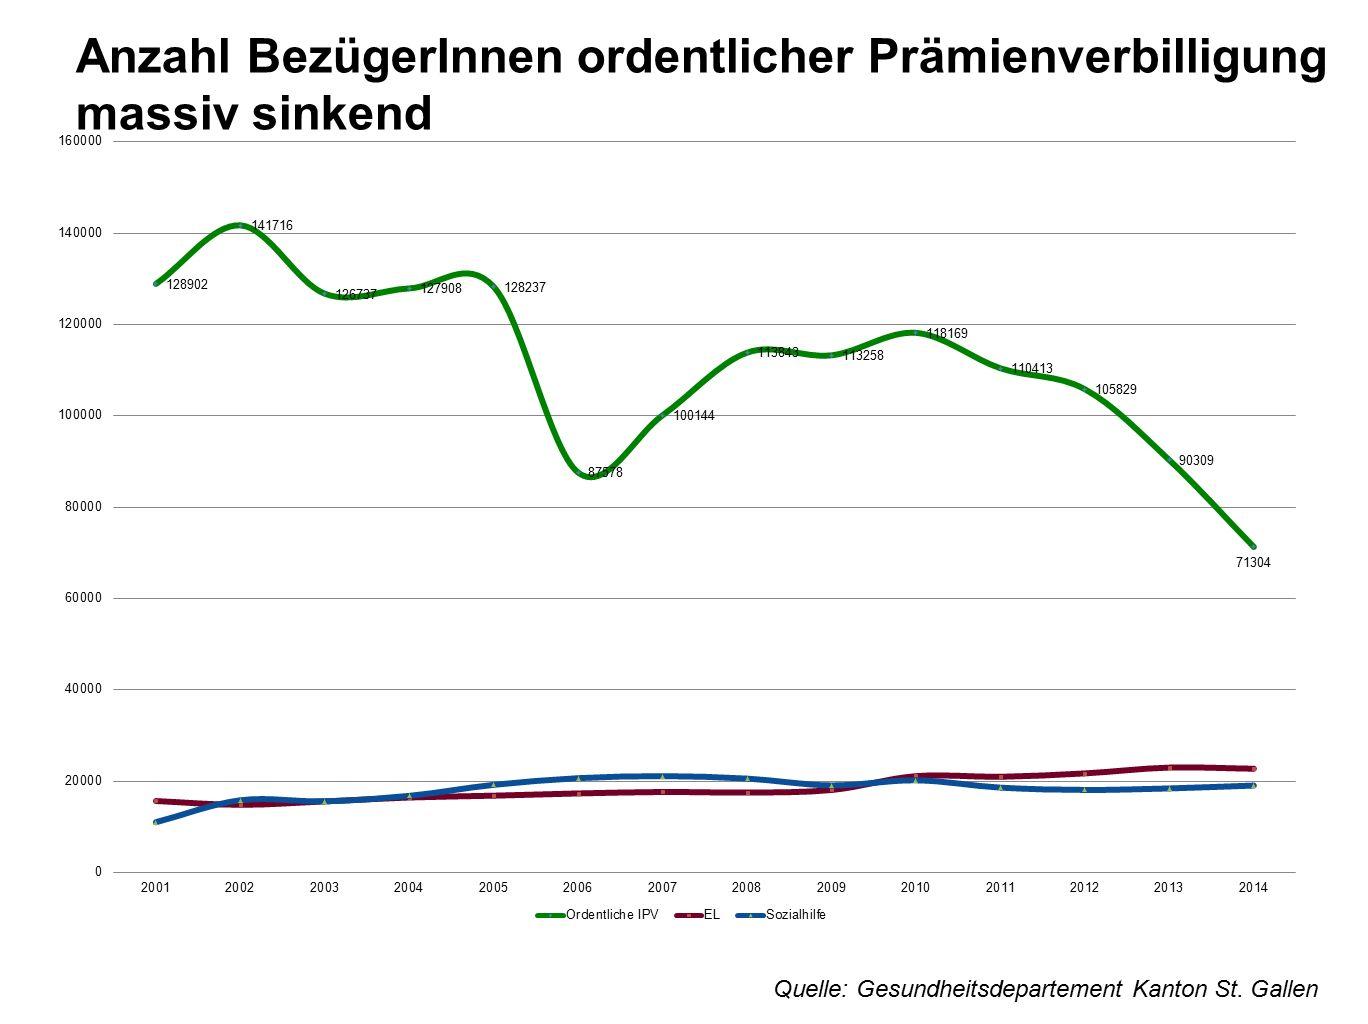 Anzahl BezügerInnen ordentlicher Prämienverbilligung massiv sinkend Quelle: Gesundheitsdepartement Kanton St. Gallen